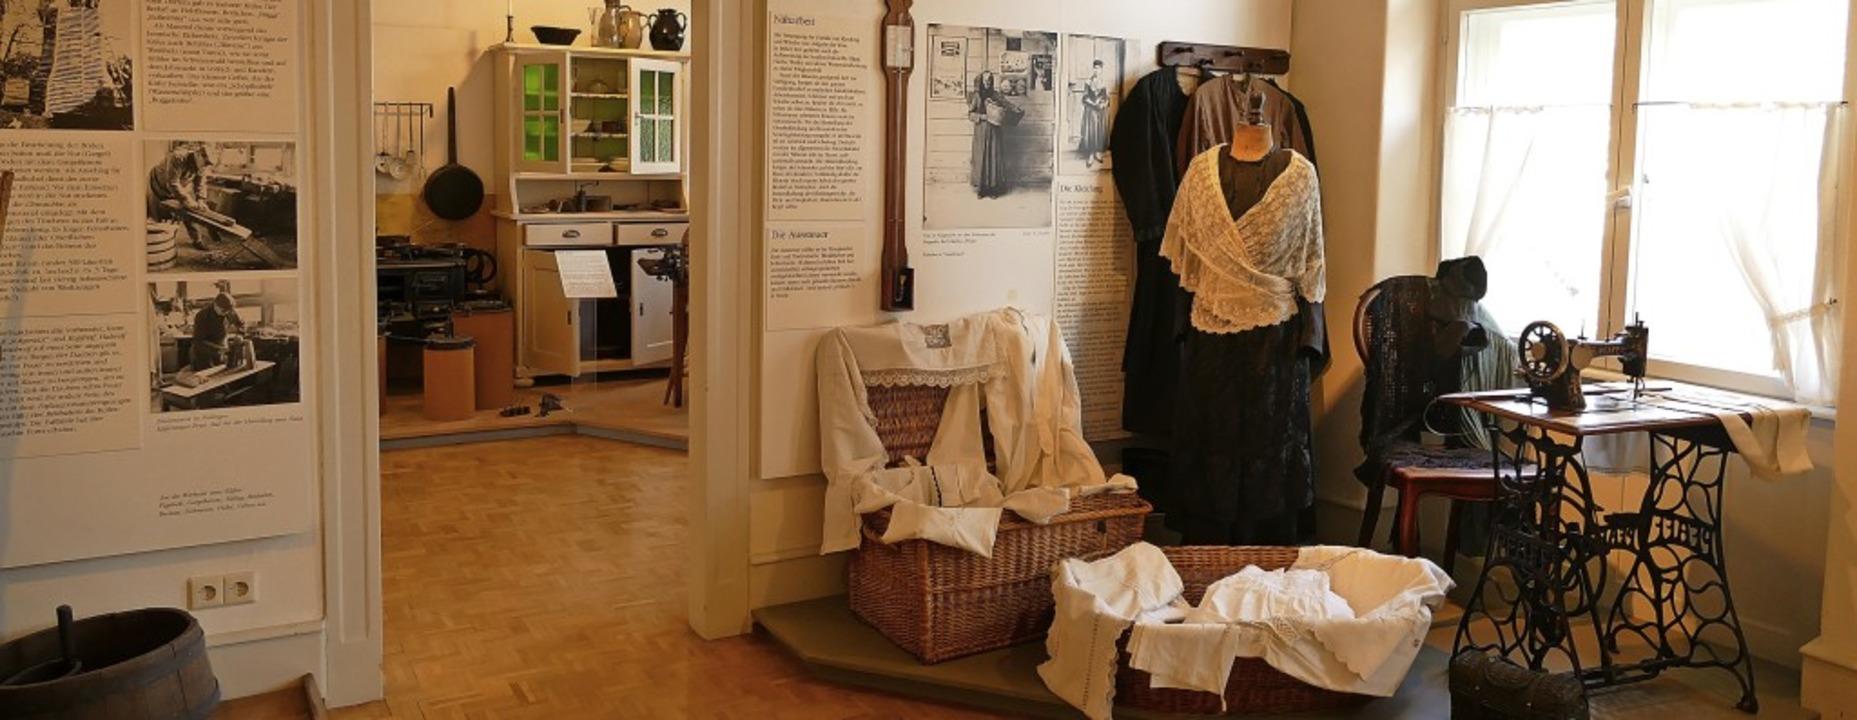 Die Dauerausstellung im Museum Alte Sc...berarbeitet und neu konzipiert werden.  | Foto: Victoria Langelott